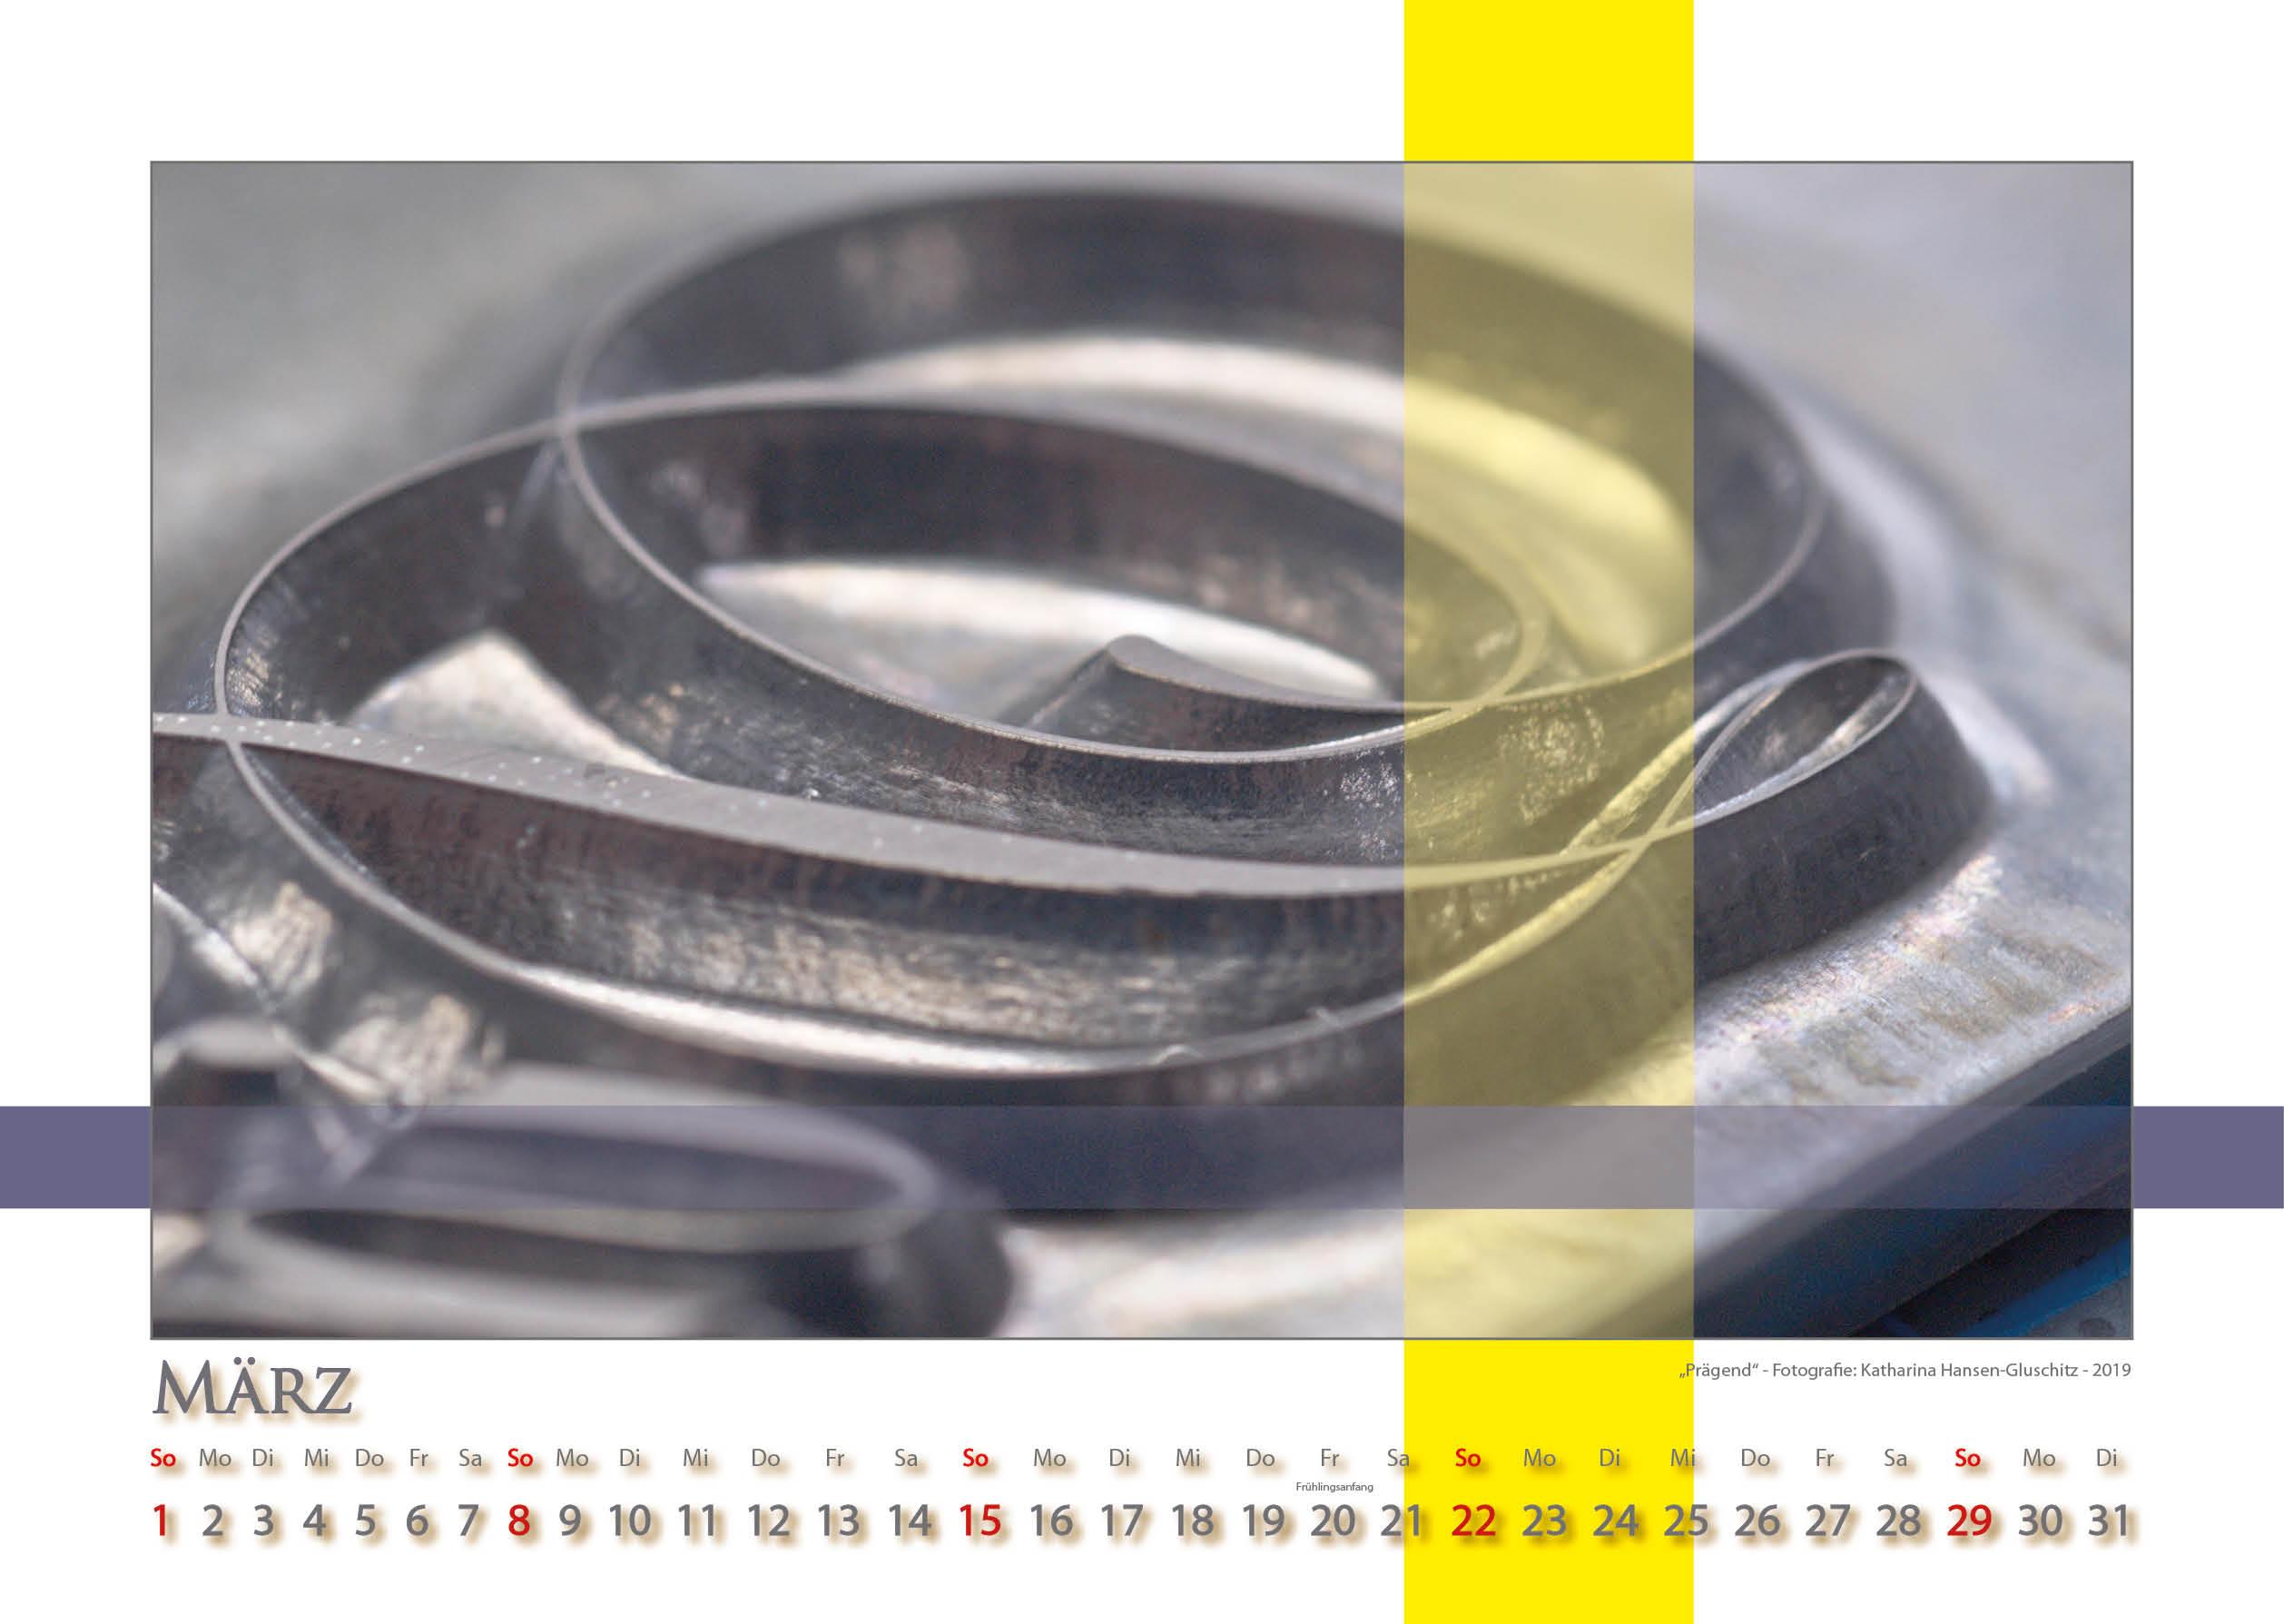 Prägend - Strukturen - Kalender 2020 © Katharina Hansen-Gluschitz